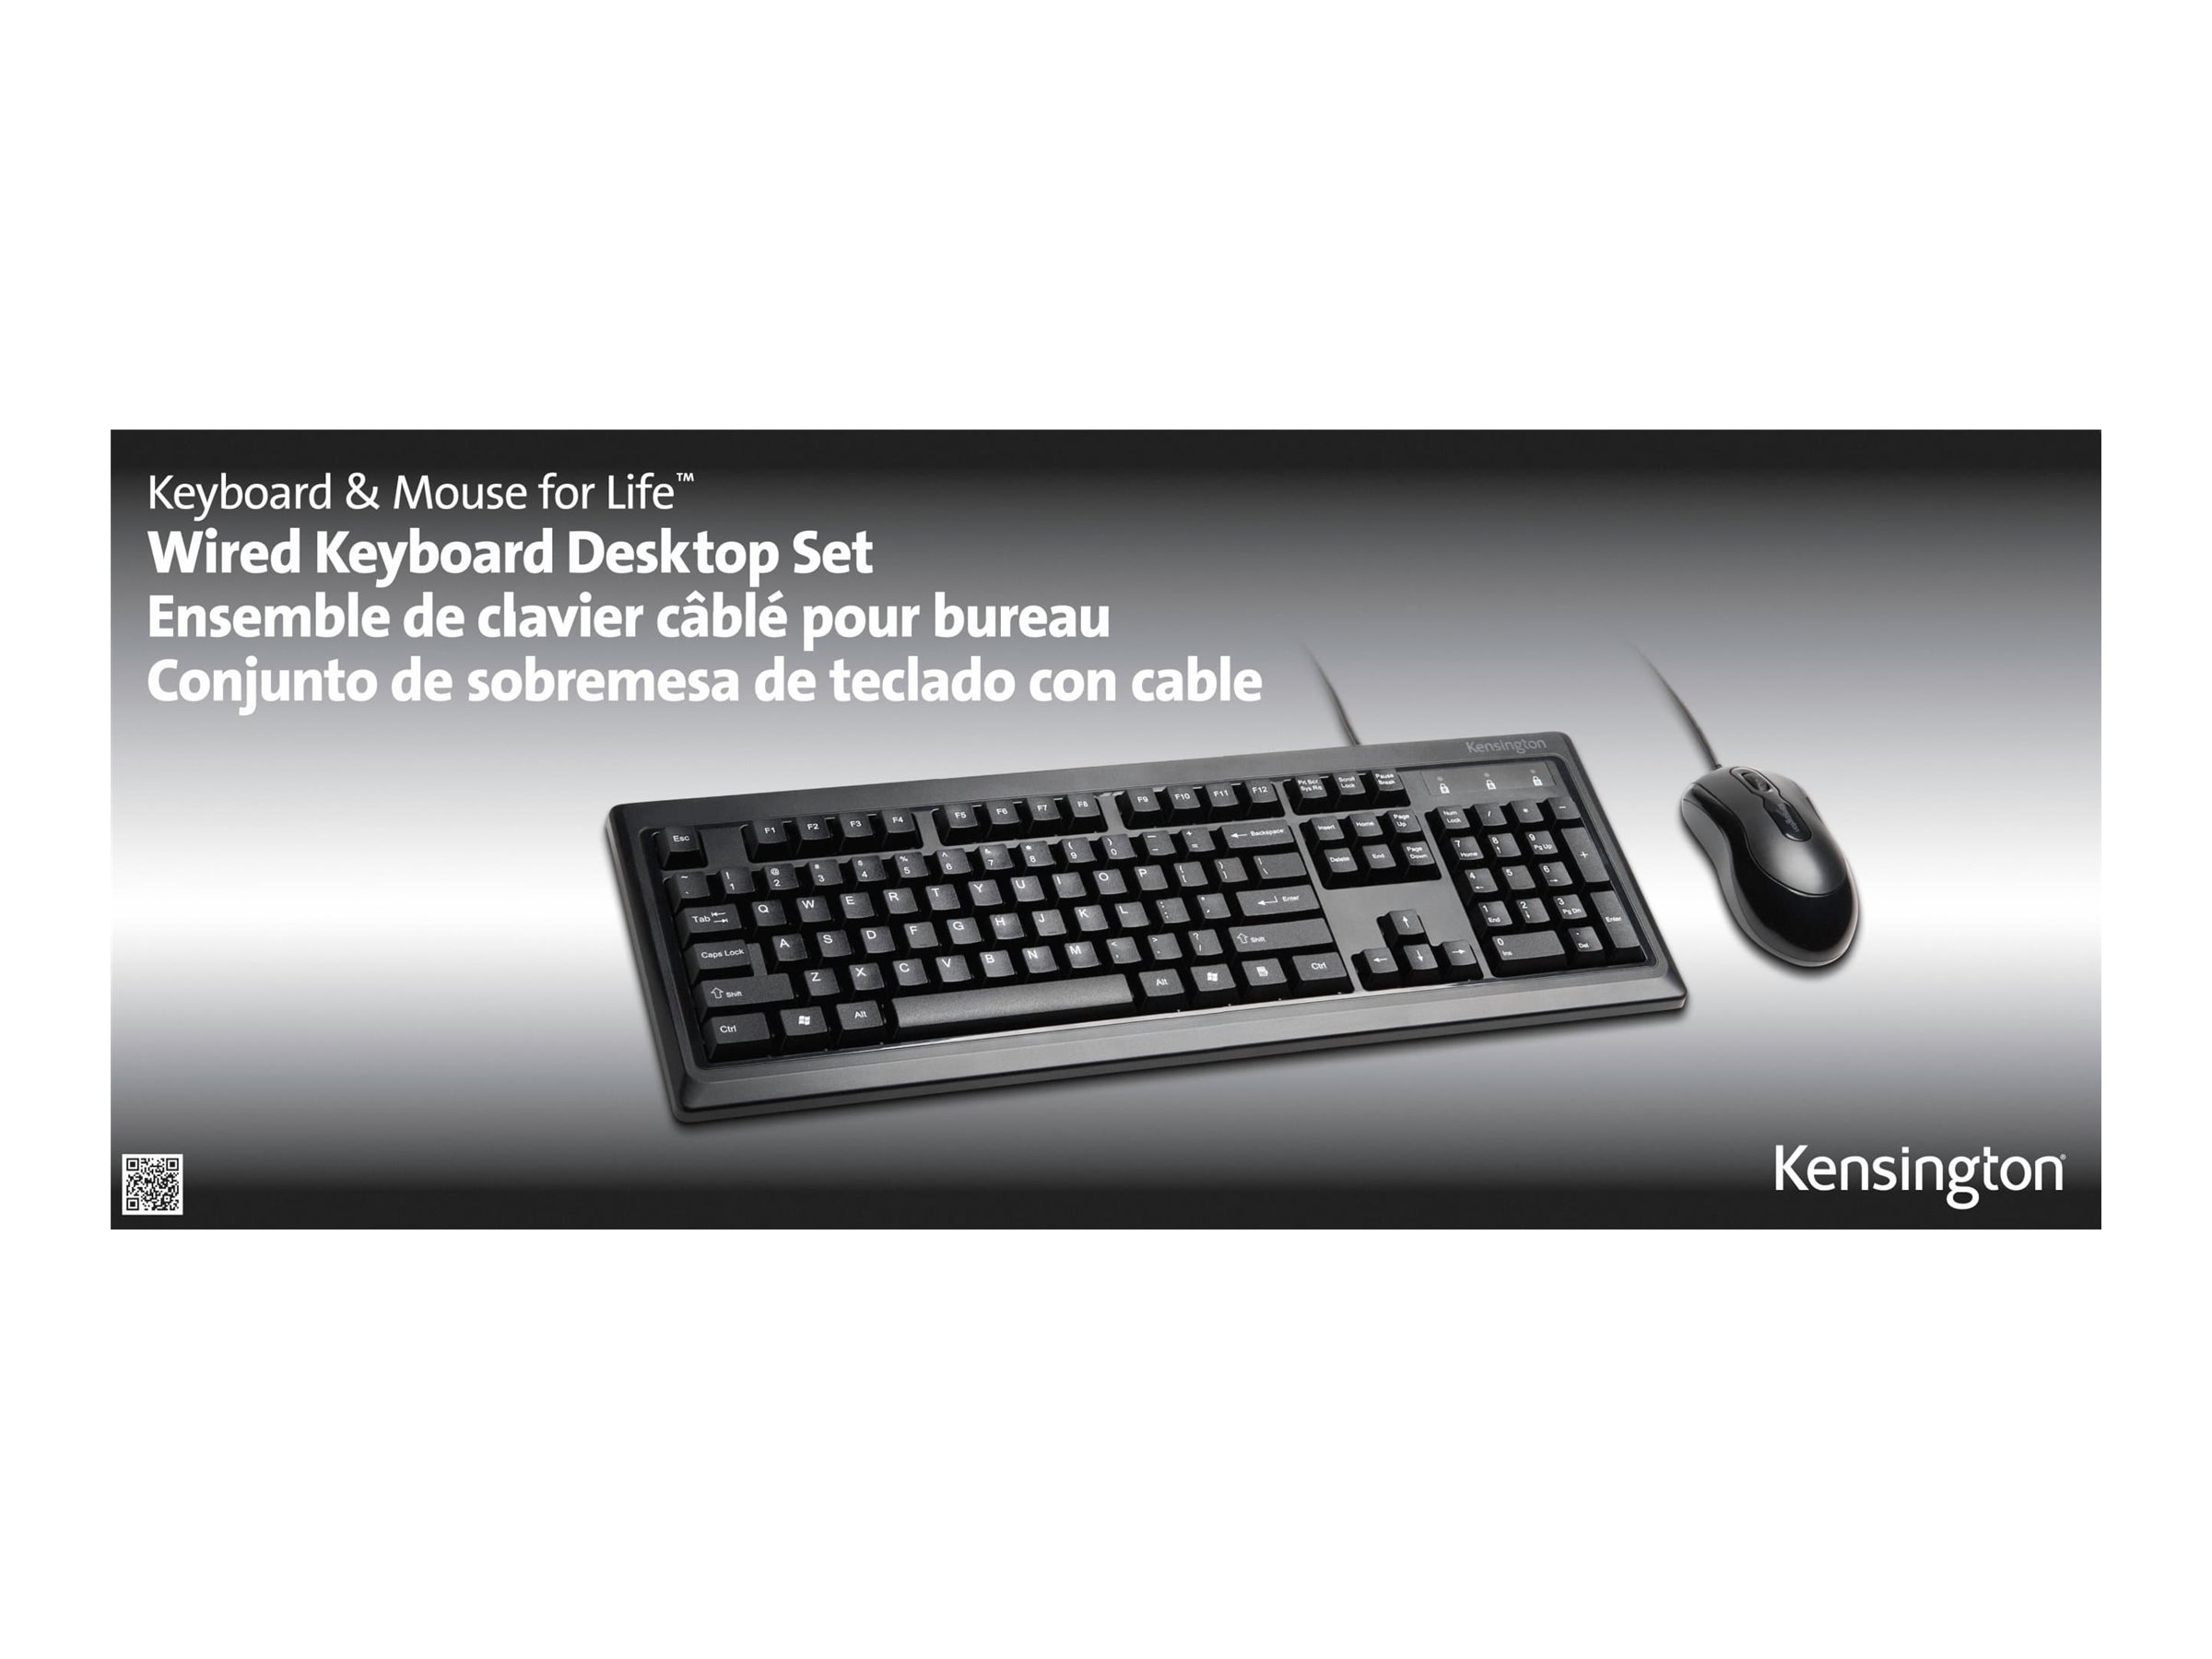 Kensington Keyboard for Life Desktop Set - keyboard and mouse set - black